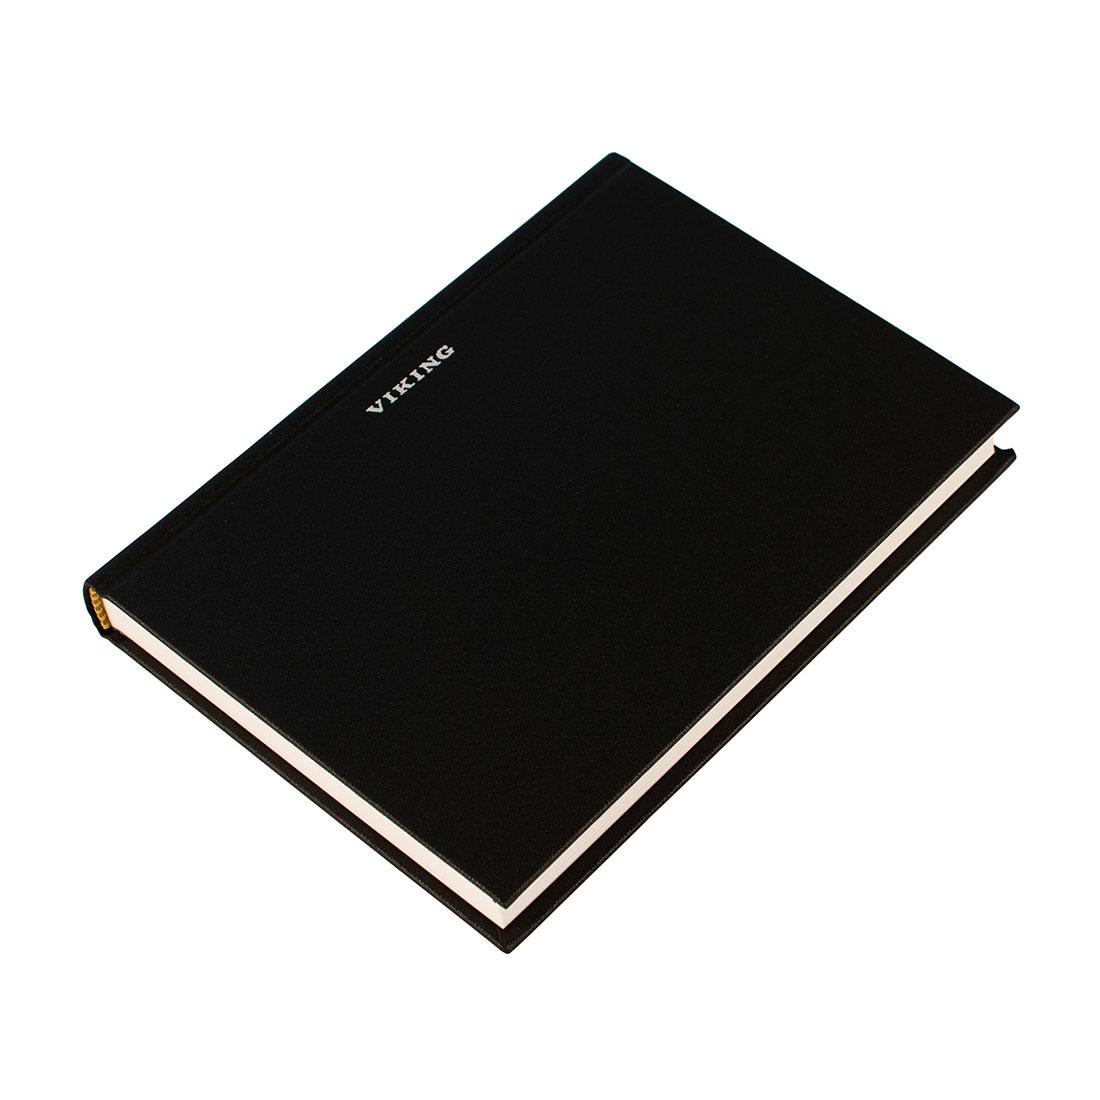 Viking 158 notebook in black